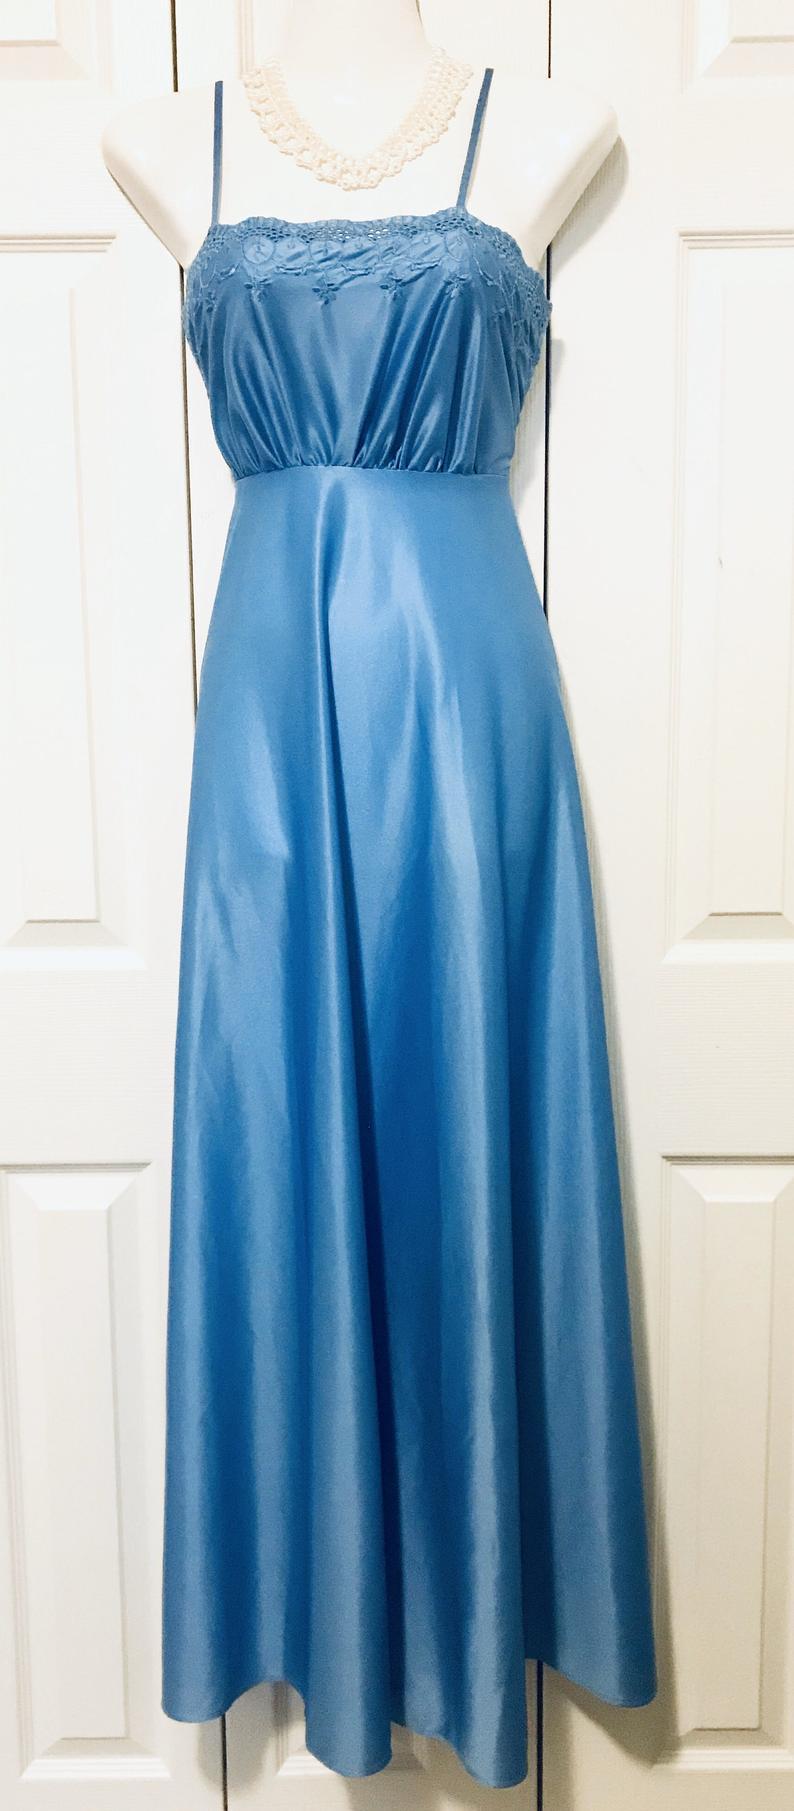 1970 S Vintage Blue Maxi Dress Dance Originals By Zarnett Toronto Vintage Party Dress Haute Couture Maxi Dress Blue Dresses Blue Maxi [ 1811 x 794 Pixel ]